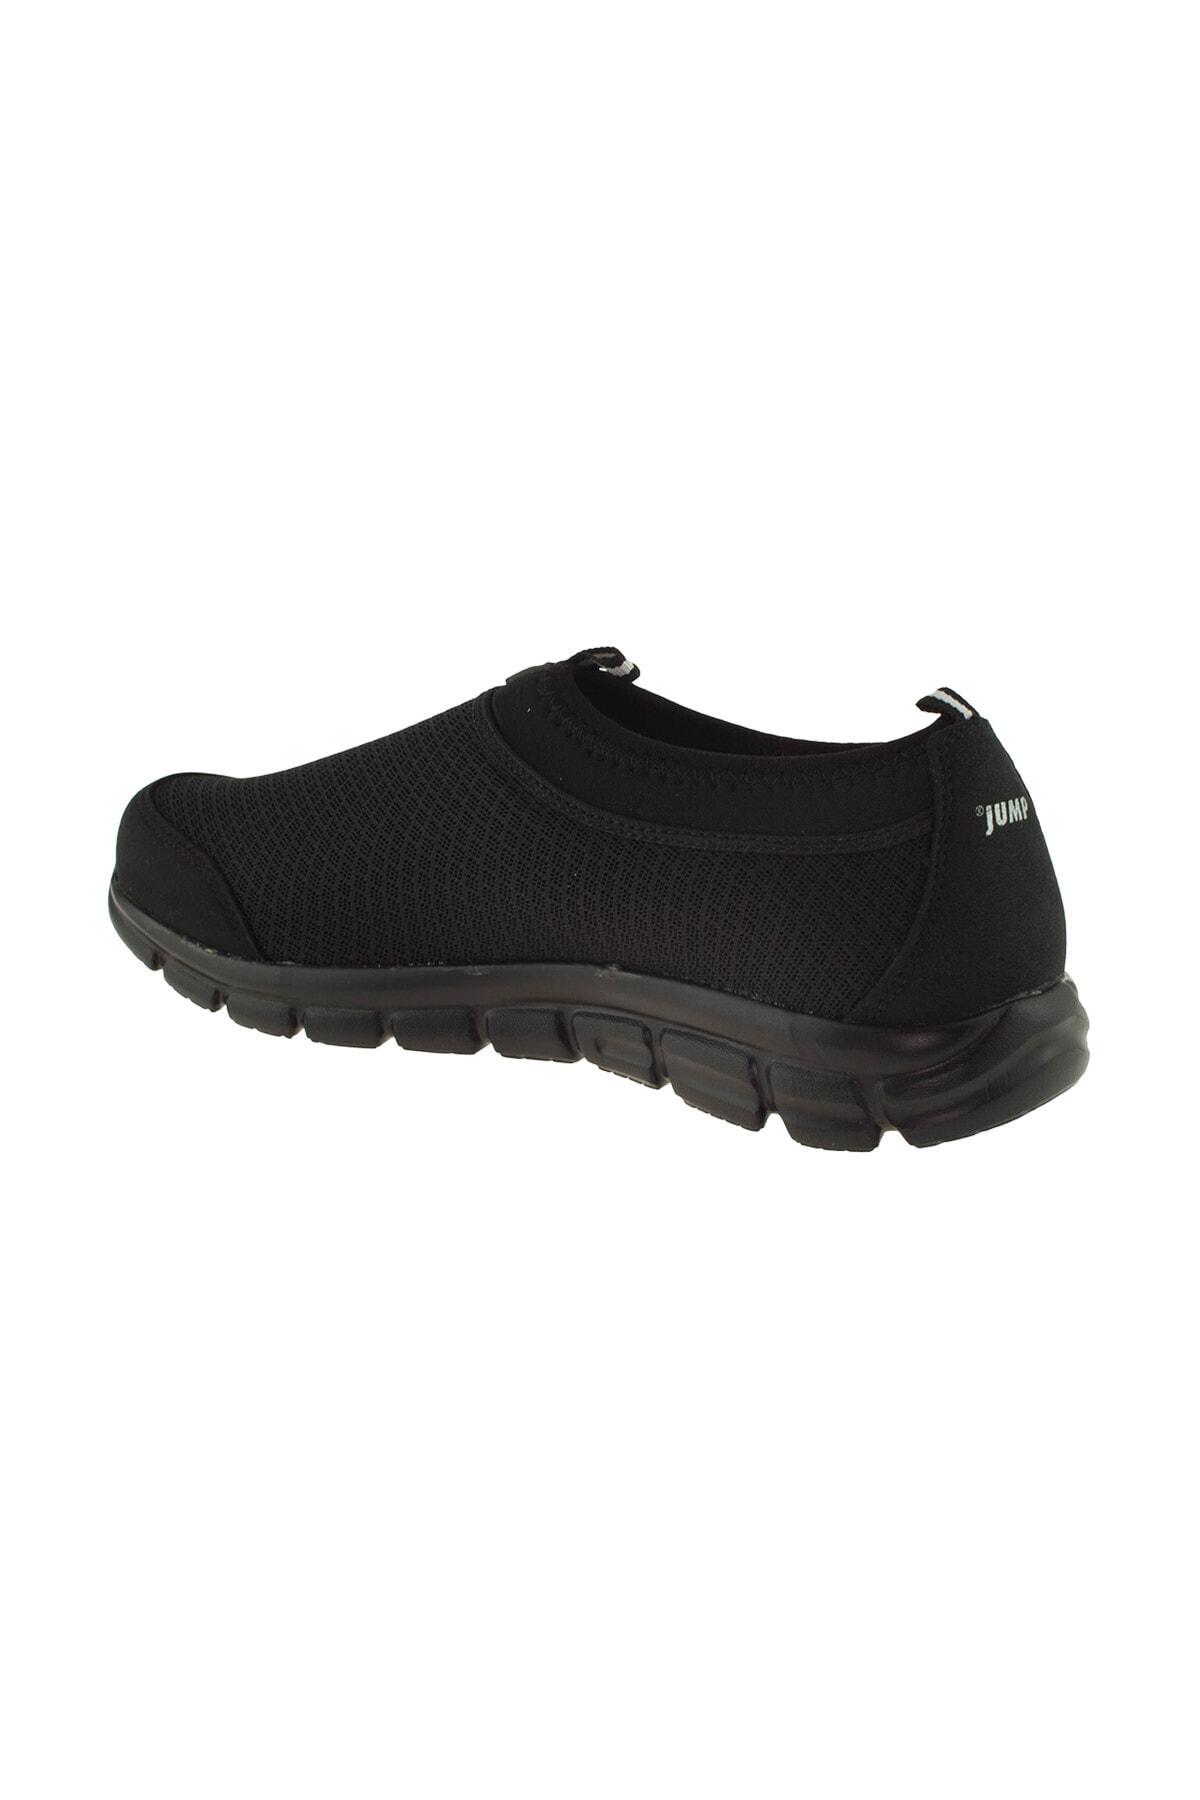 Jump Siyah Erkek Ayakkabı 190 15575M